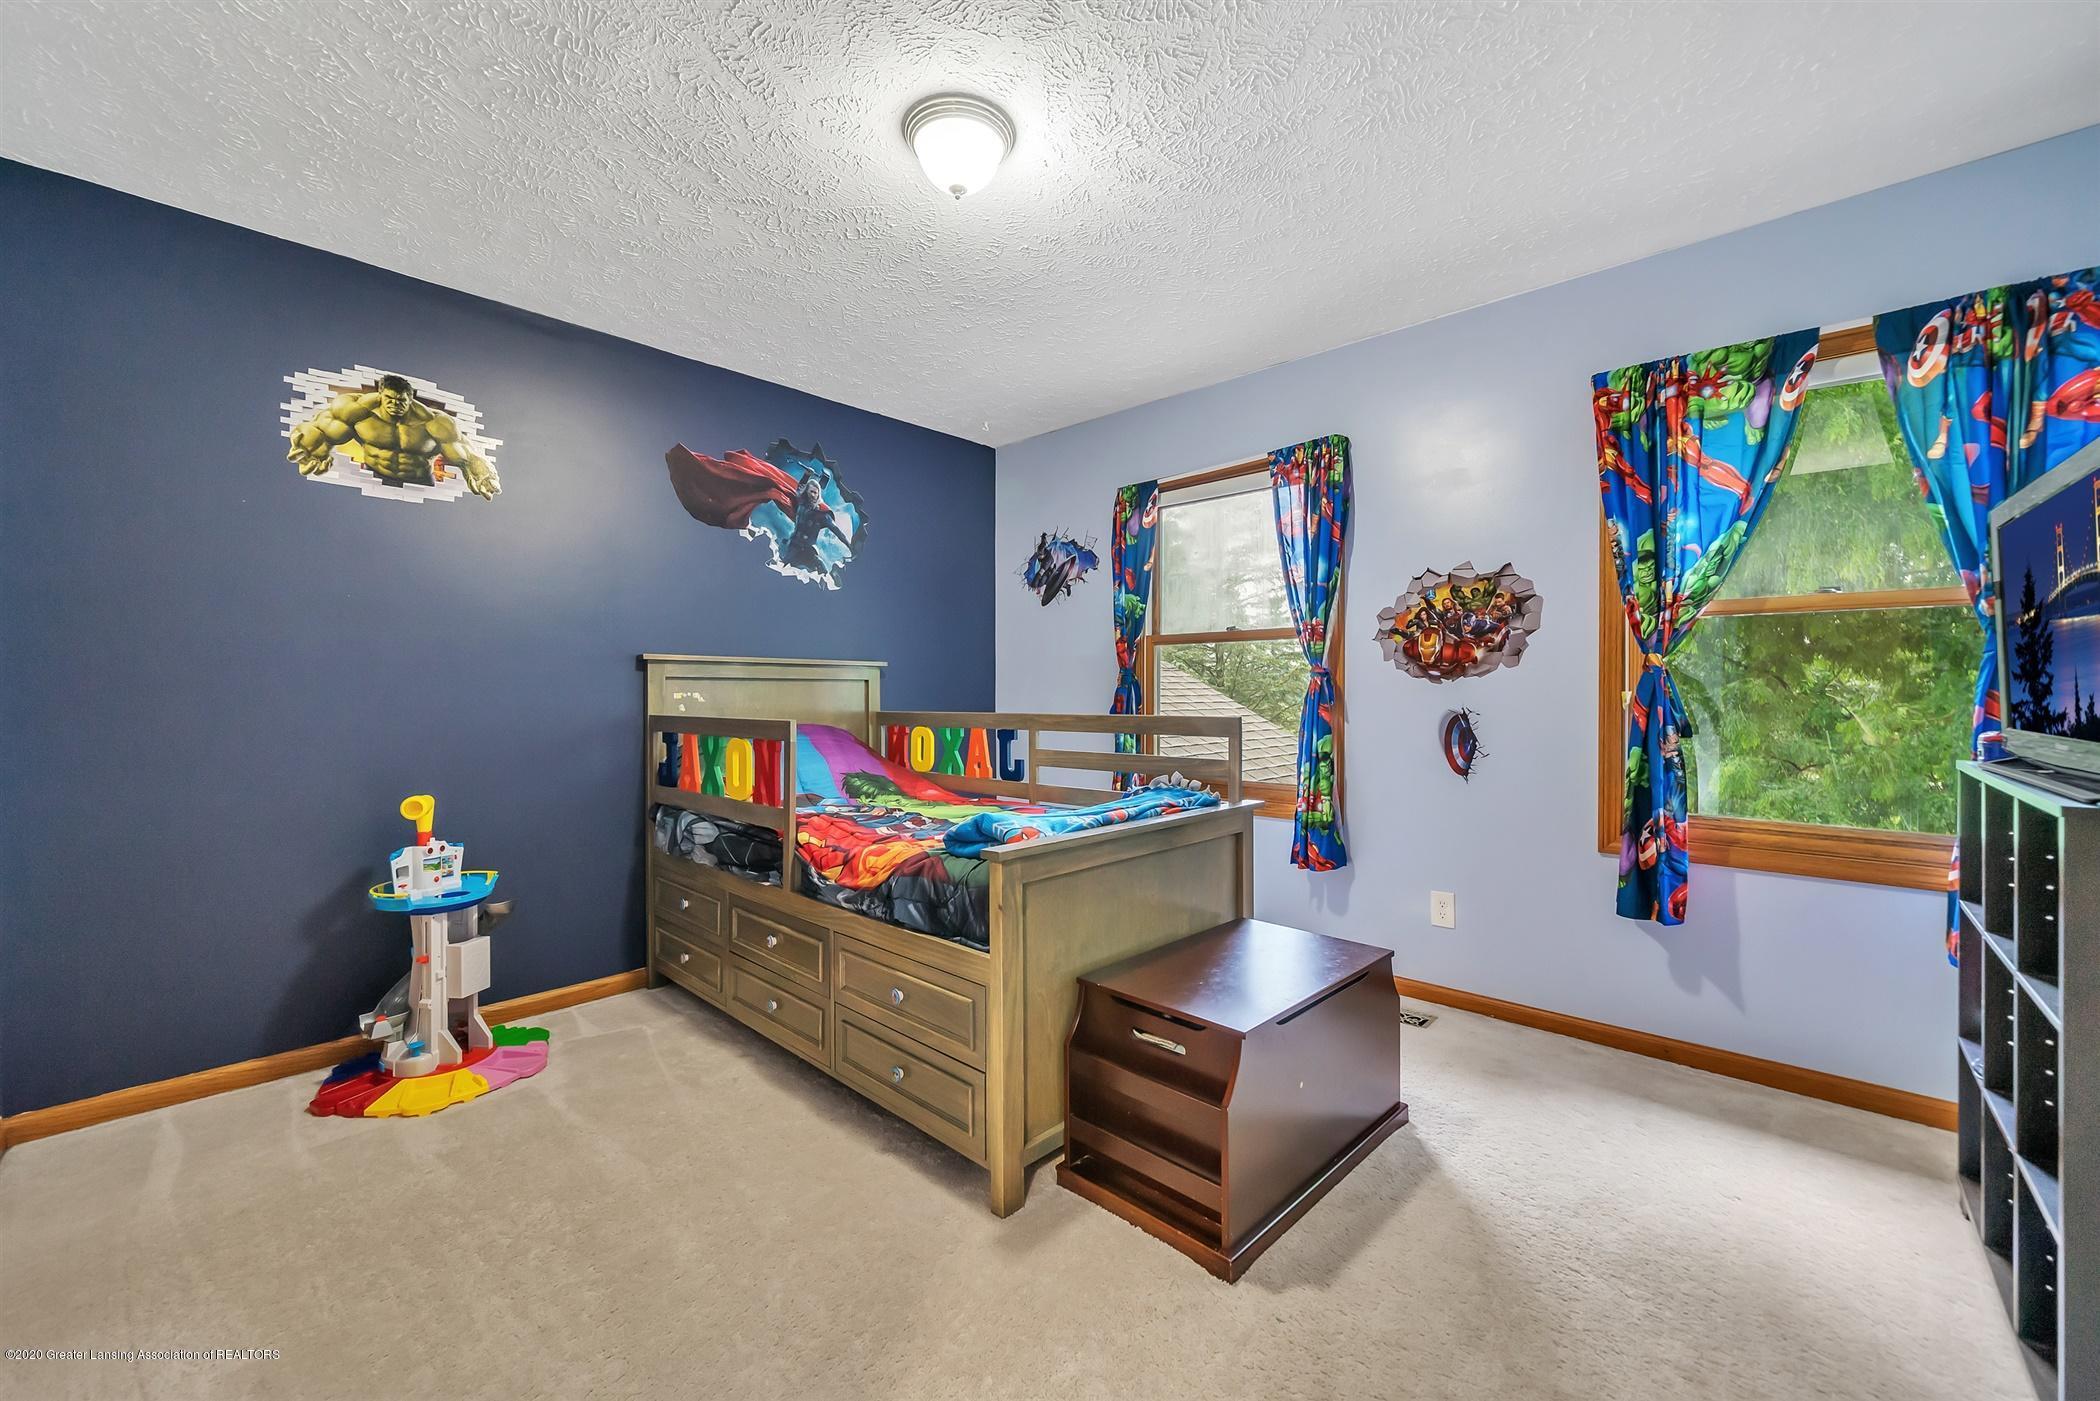 4242 Beeman Rd - SECOND FLOOR Bedroom 2 - 20